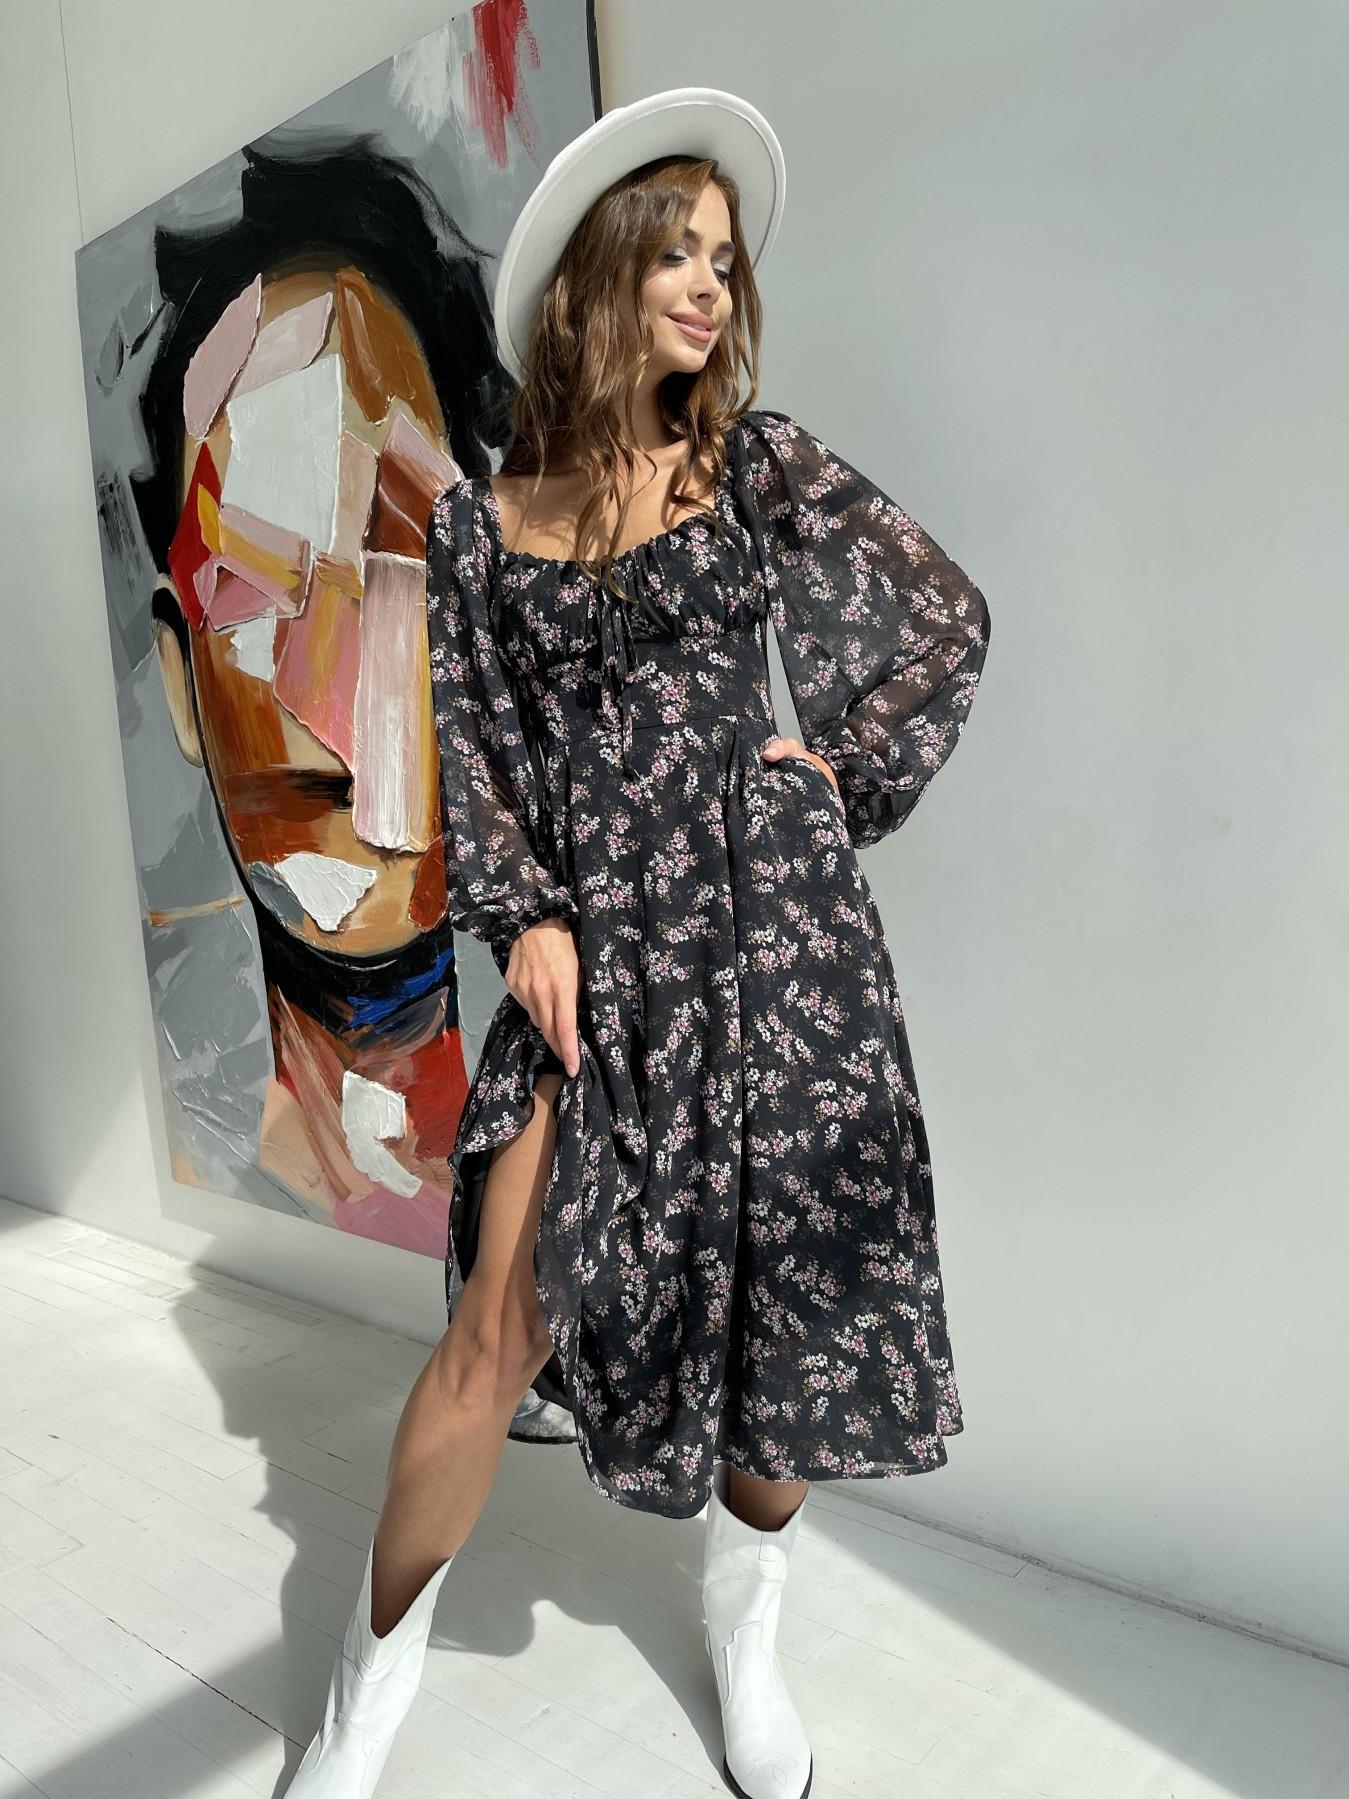 Кисес платье из шифона с цветочным принтом 11774 АРТ. 48549 Цвет: Черный/ЦветыМелБукет - фото 3, интернет магазин tm-modus.ru